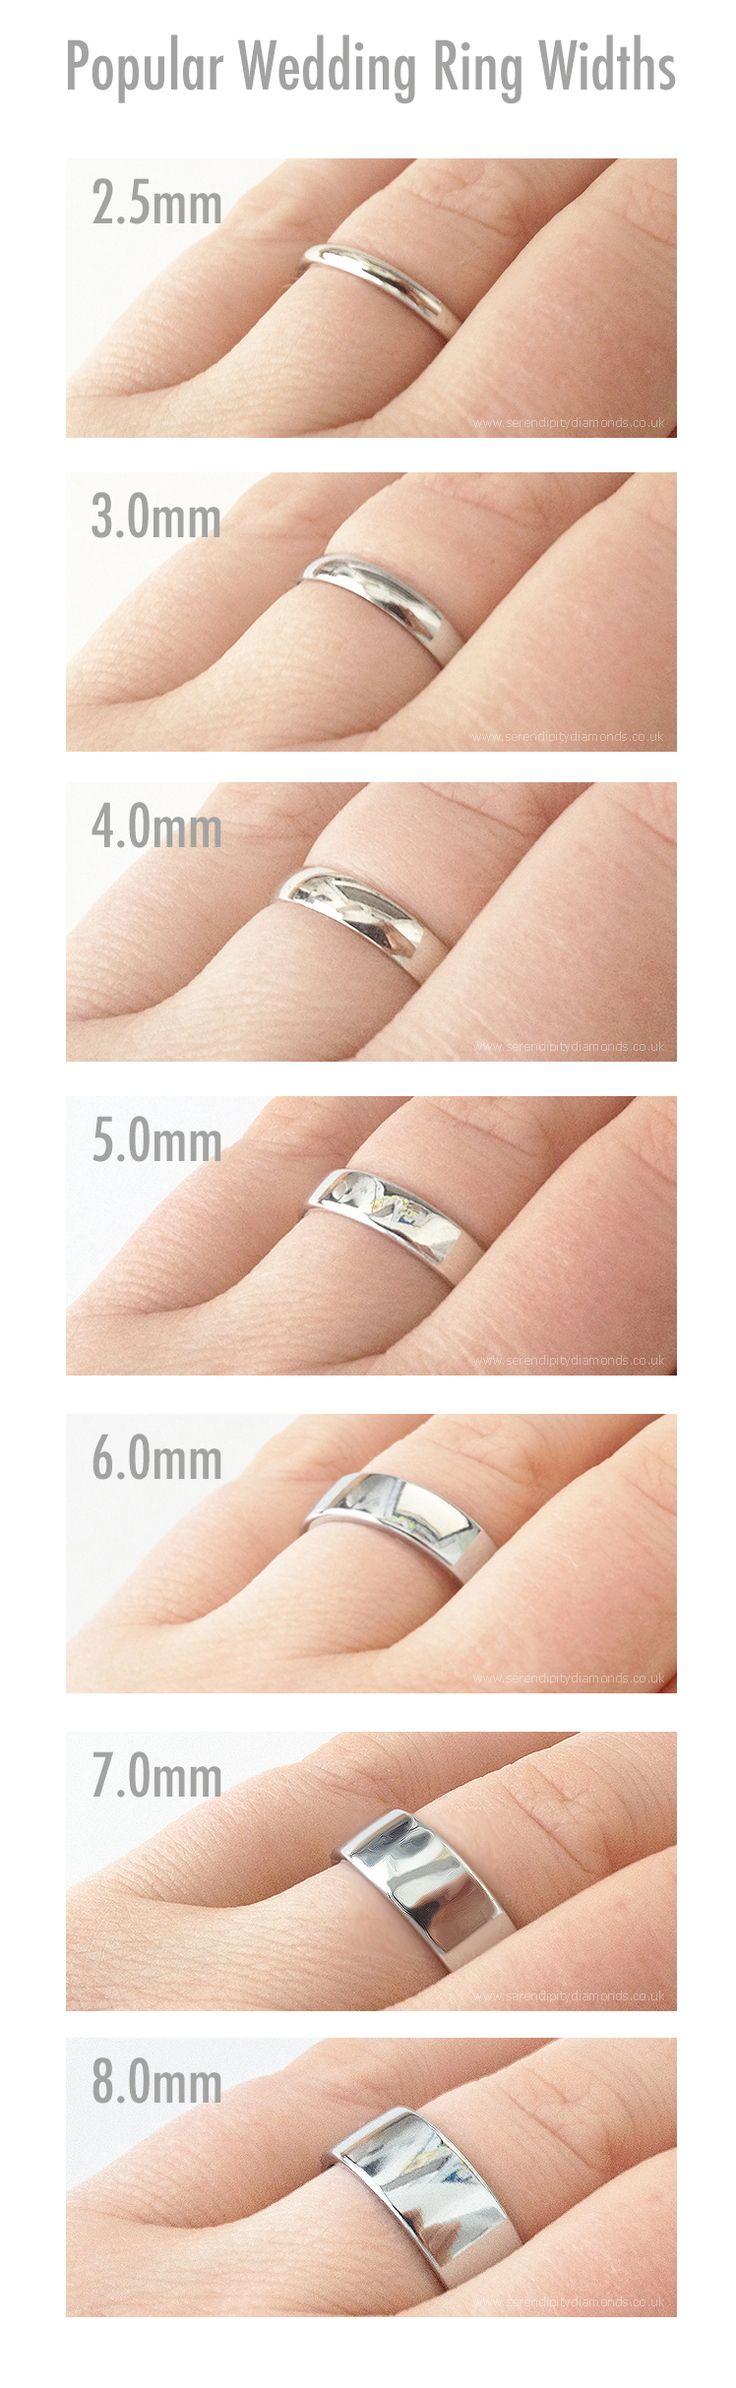 wedding ring engraving wedding ring with band O guia definitivo para escolher suas alian as de casamento Wedding Ring